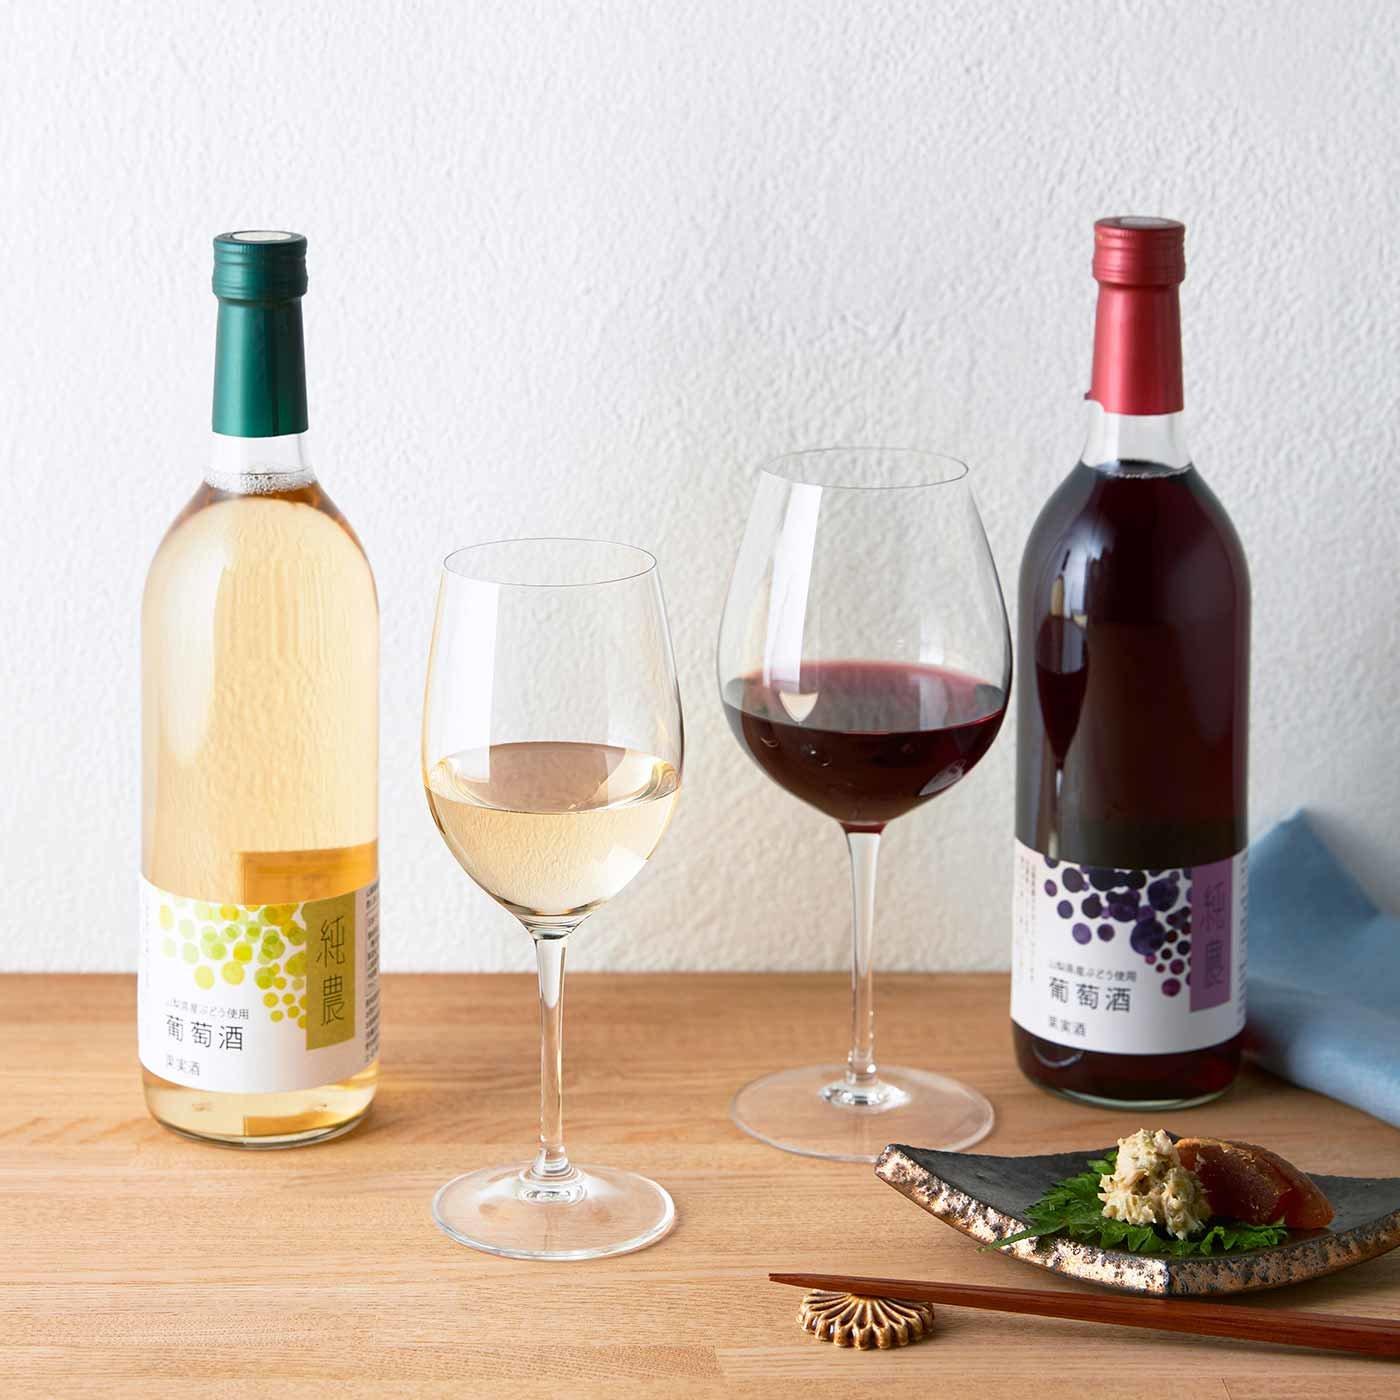 純農 山梨県産ぶどう100%使用の和食にピッタリの日本ワインセットの会